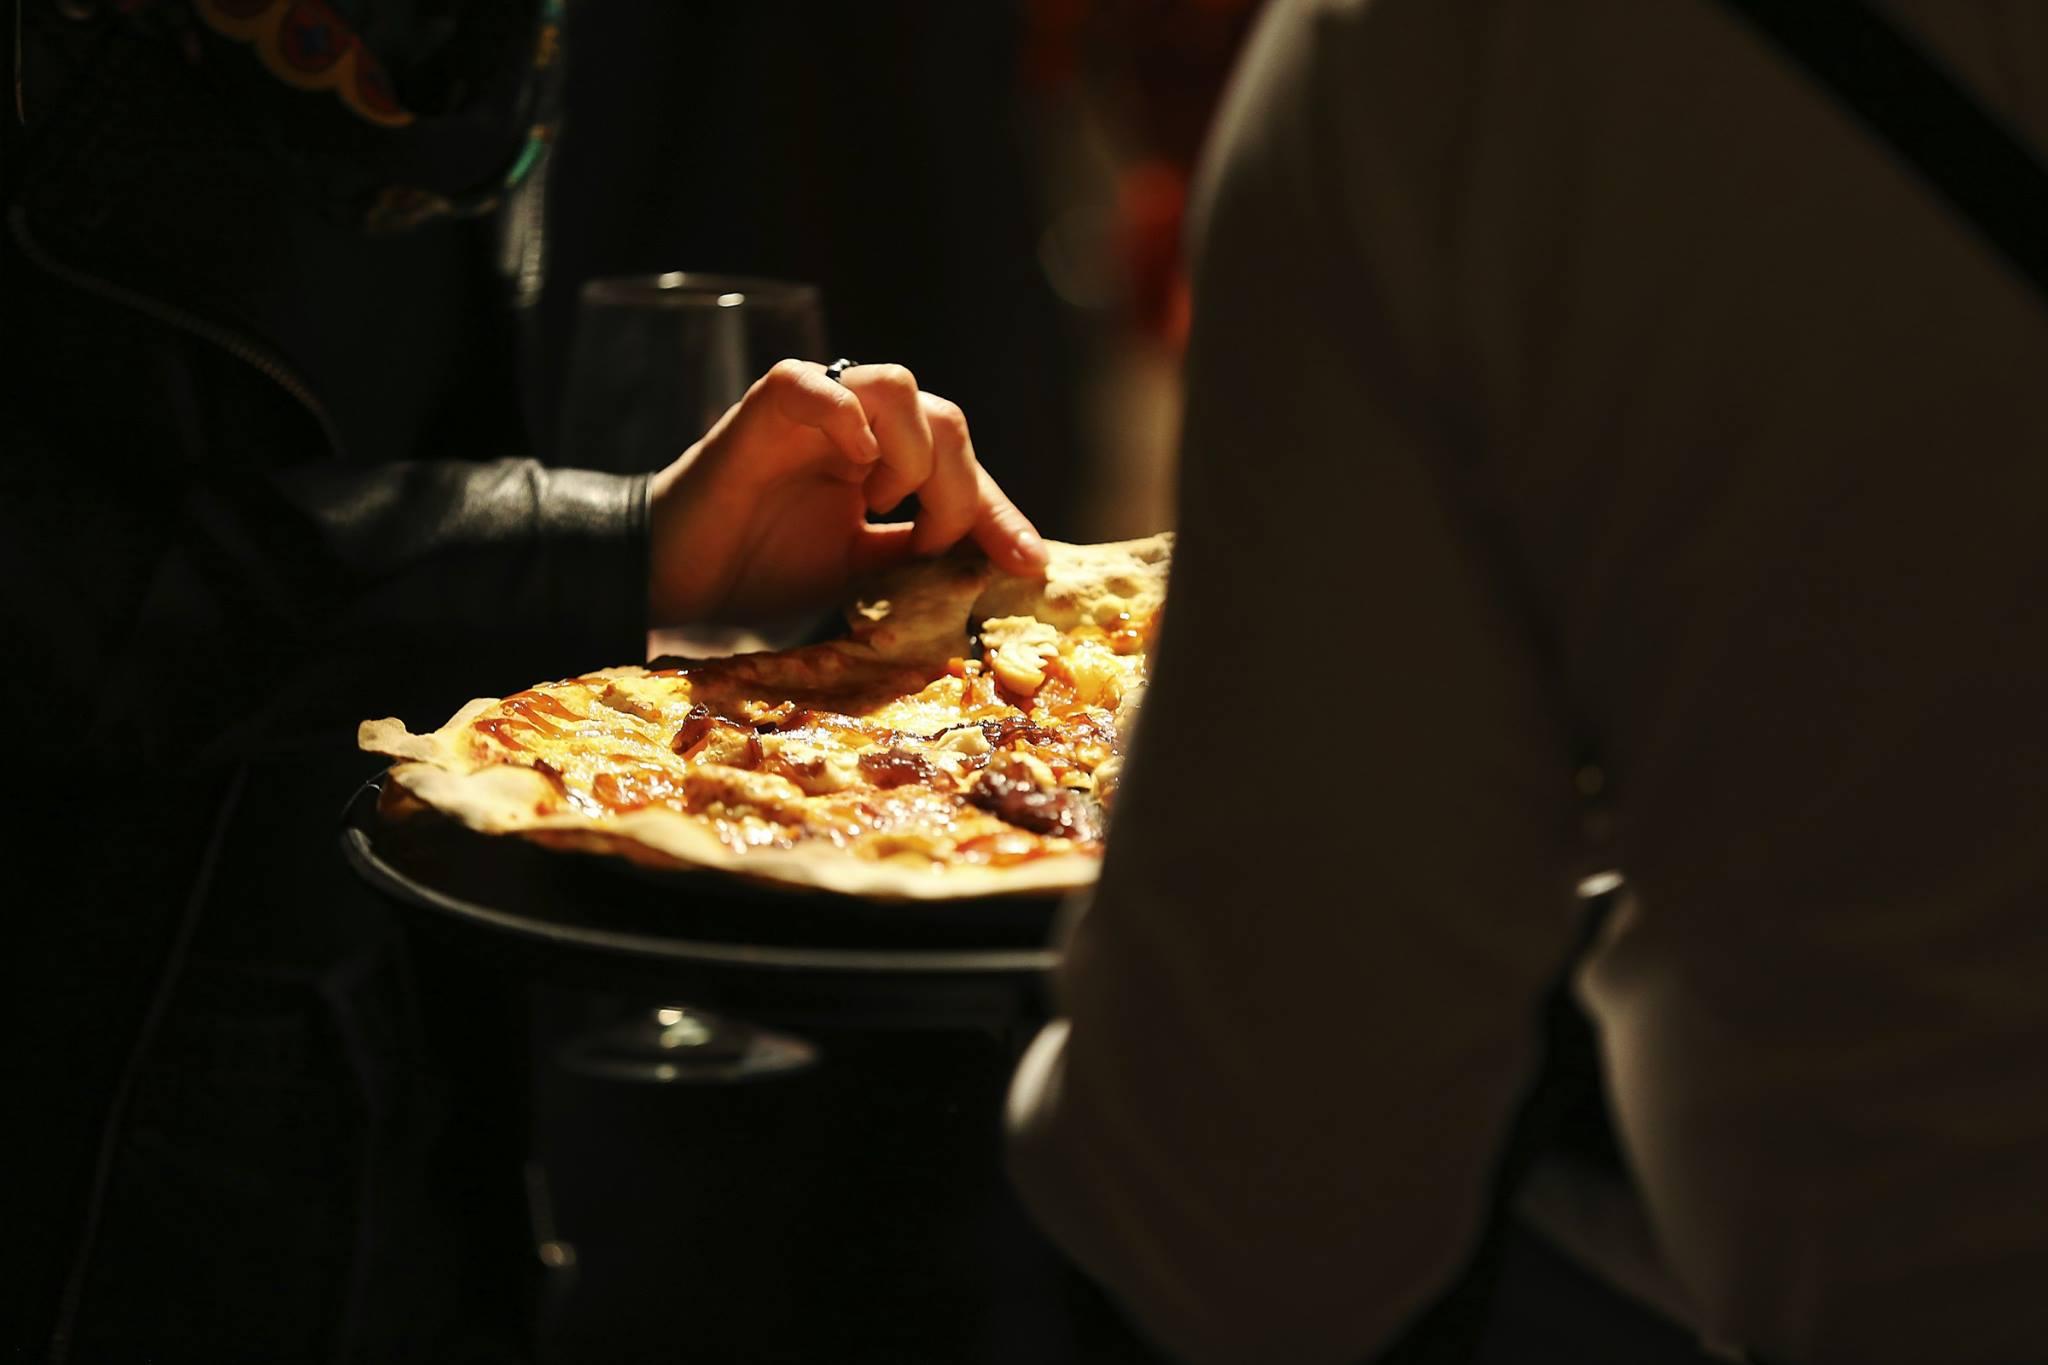 Por qué la pizza es patrimonio cultural inmaterial 0 - ¿Por qué la pizza es patrimonio cultural inmaterial?